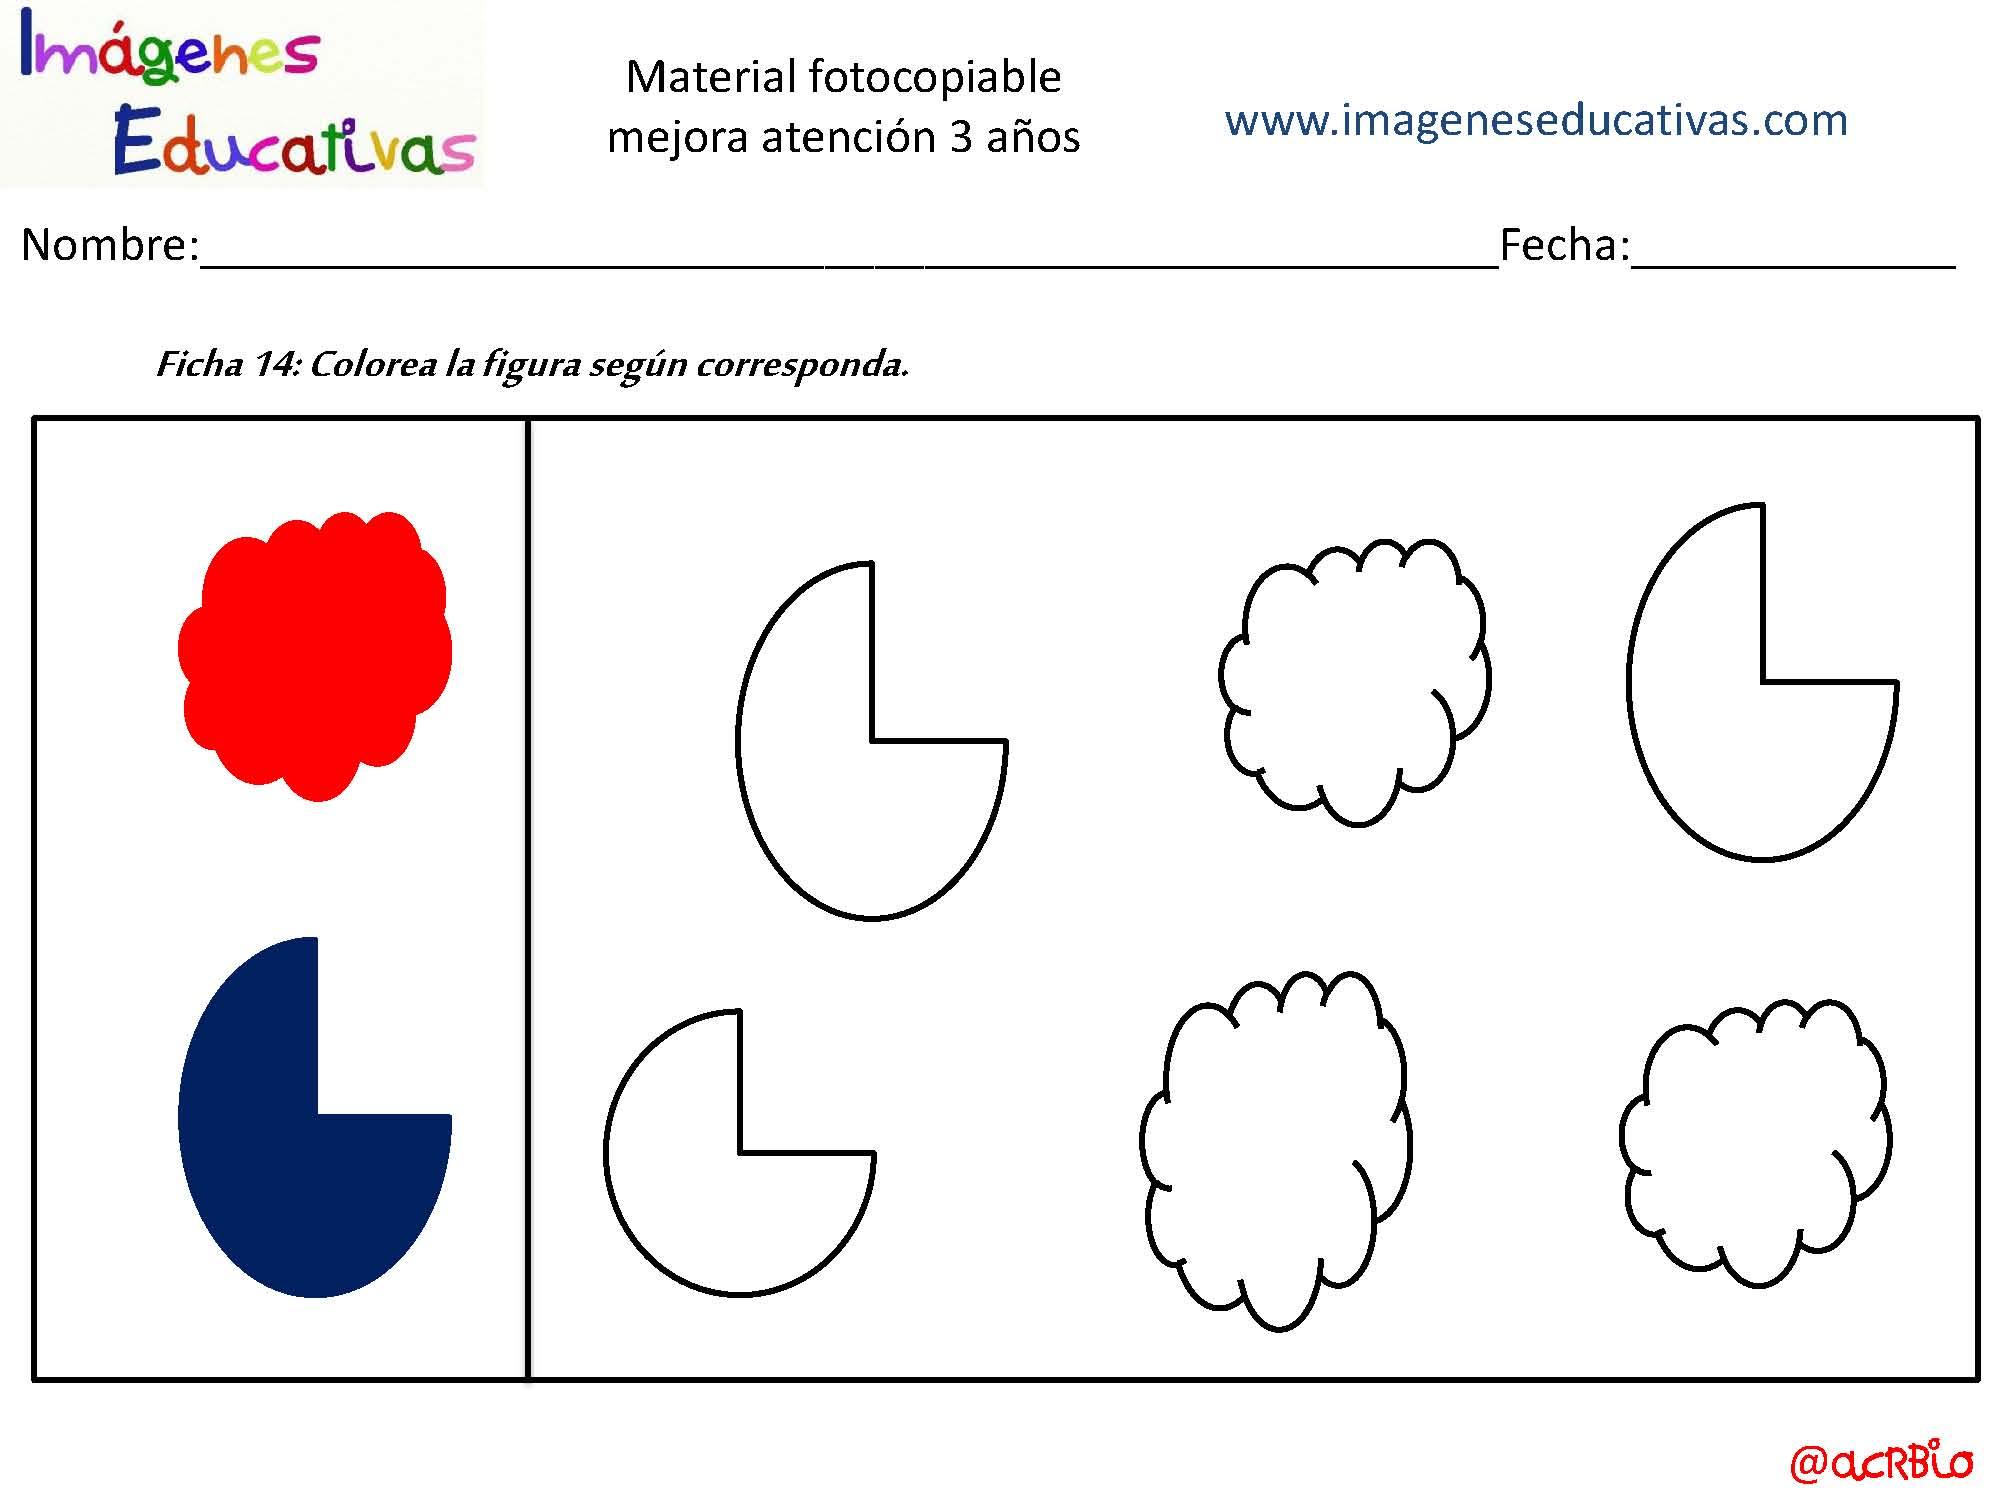 Actividades para mejorar la atenci n 3 a os p gina 15 for Actividades pedagogicas para ninos de 2 a 3 anos